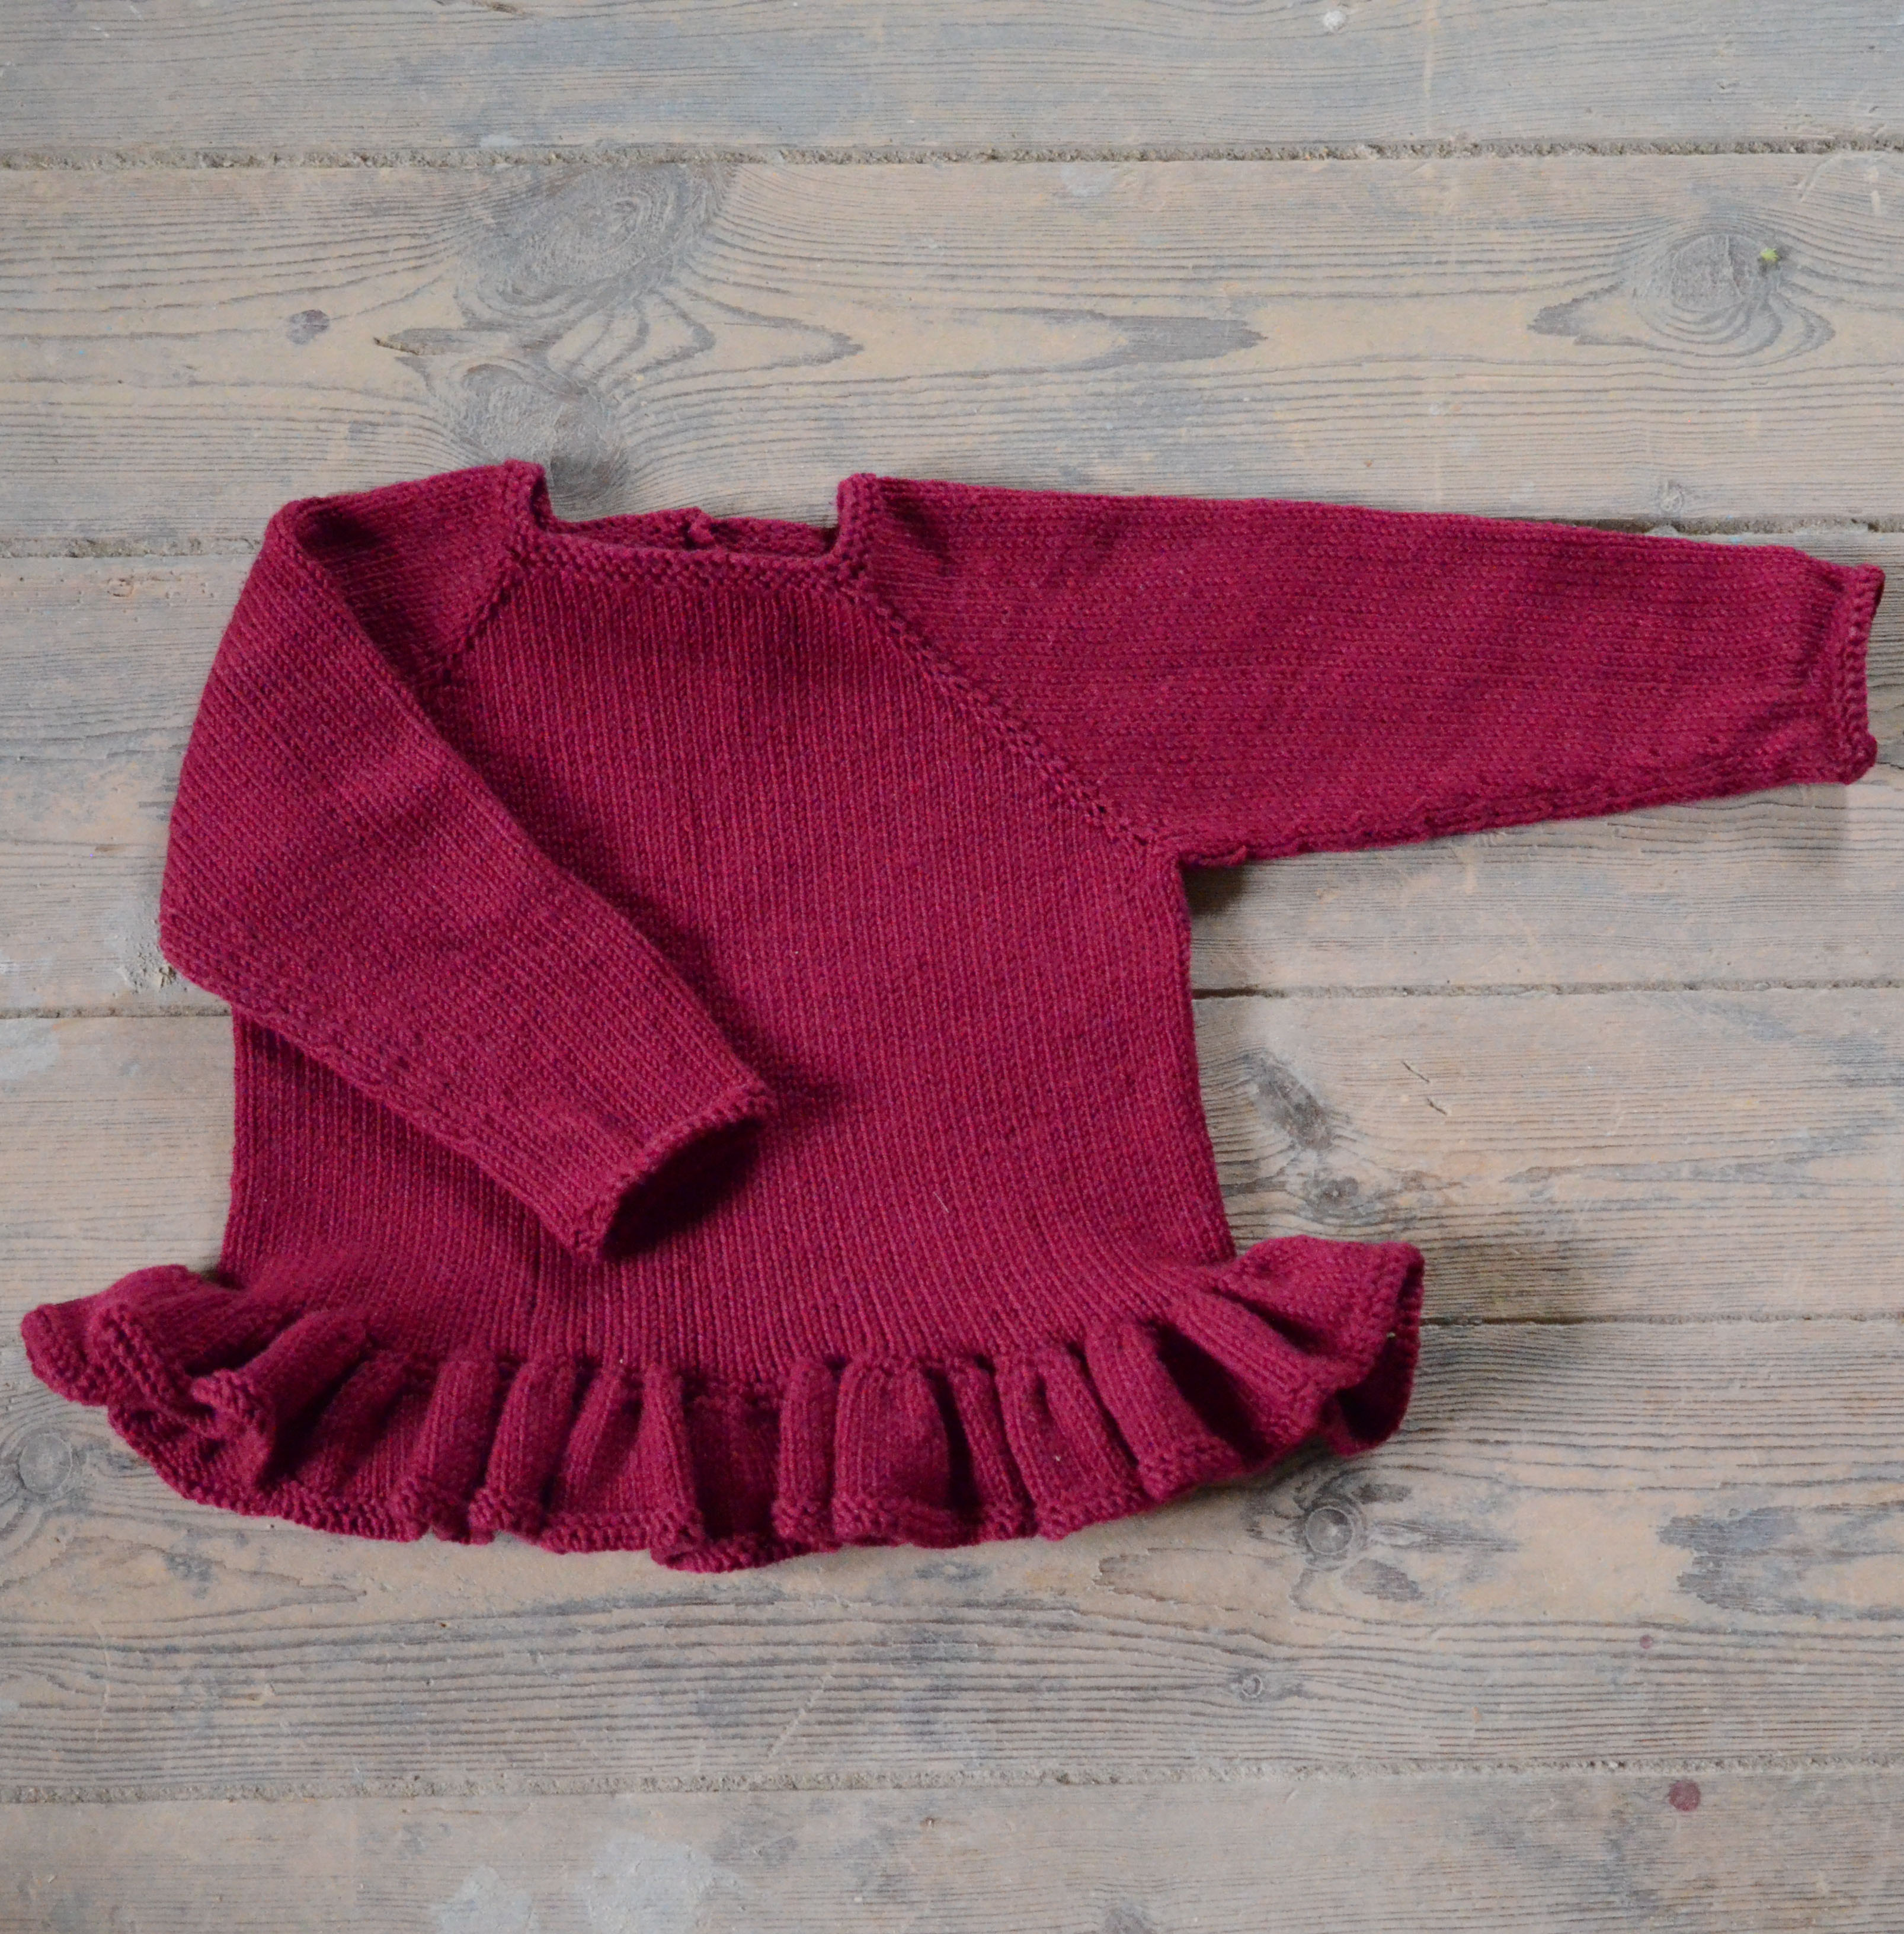 Strikke opskrift på Ingeborg blusen til børn